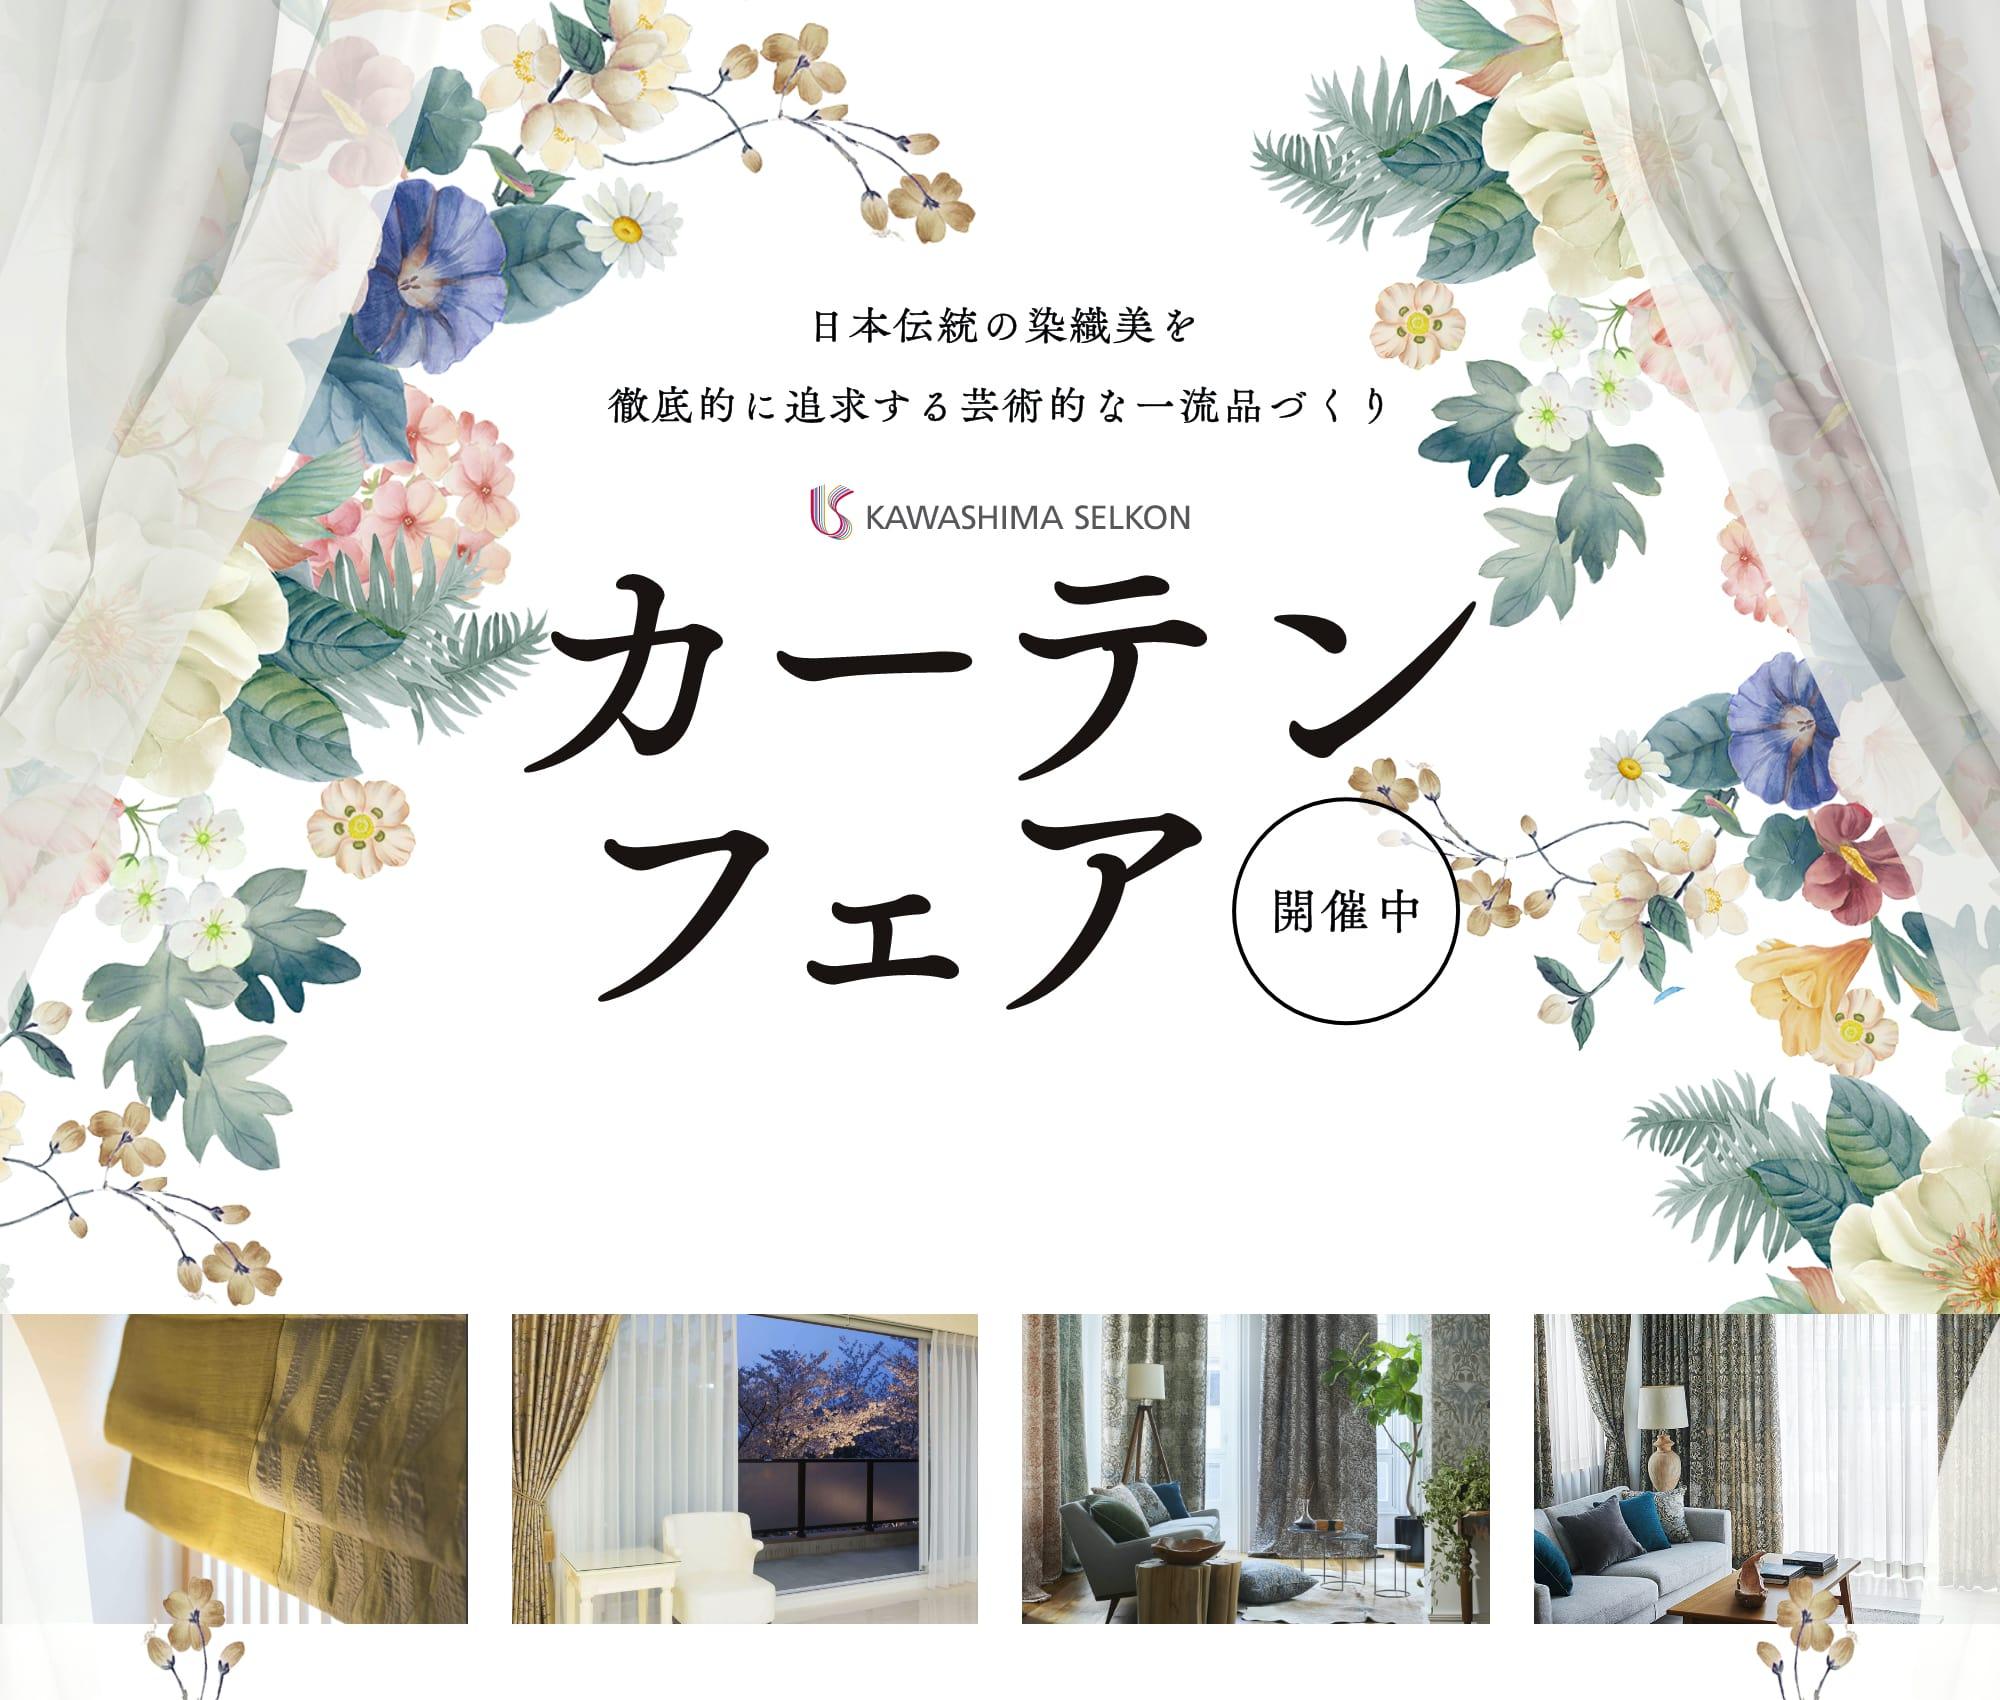 川島織物セルコン カーテンフェアメインビジュアル